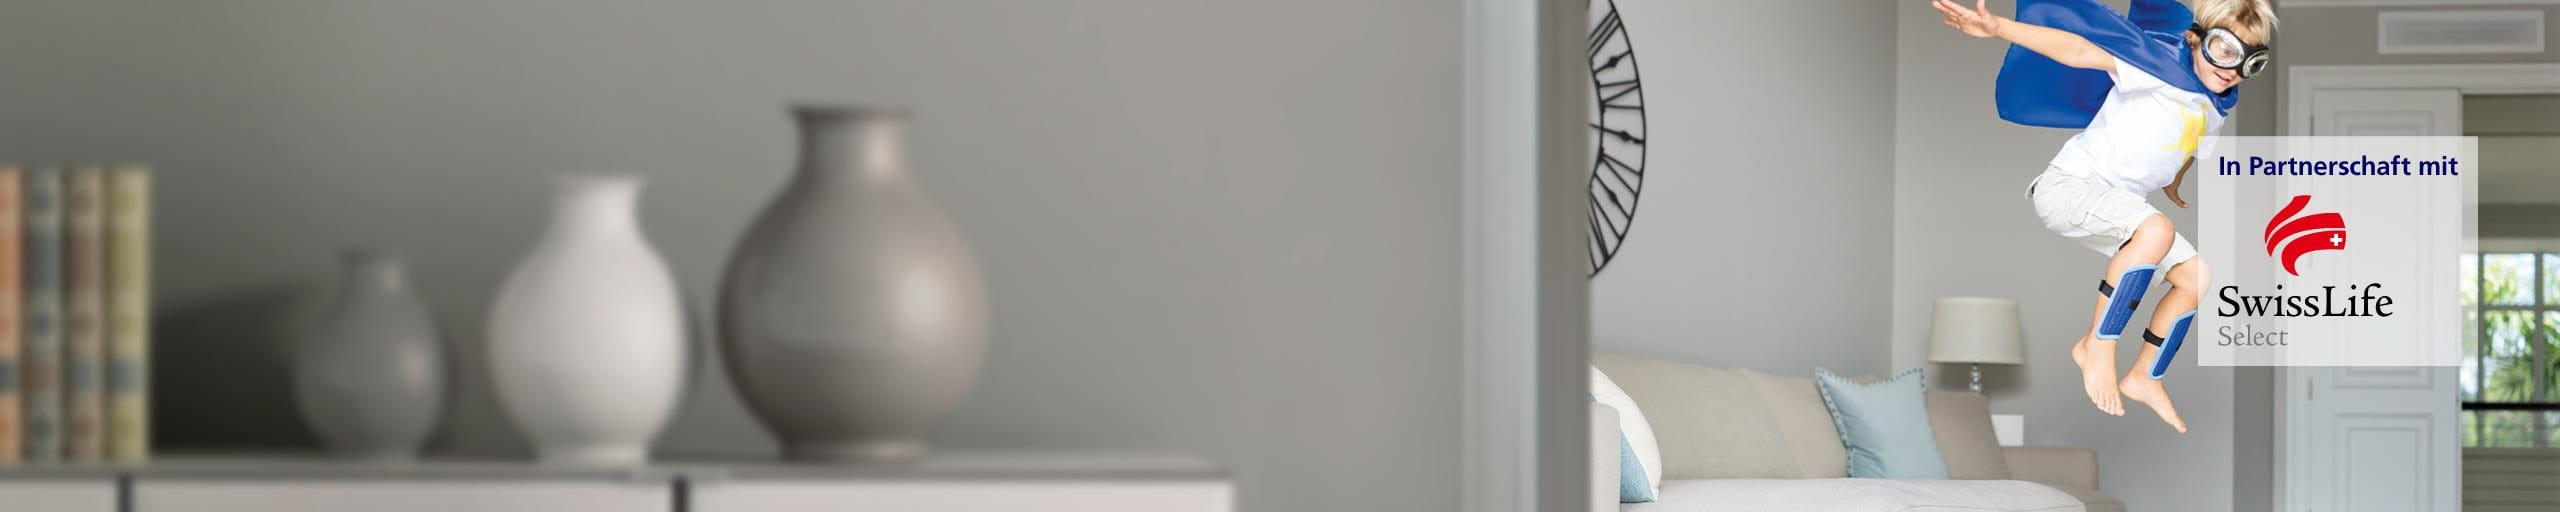 pr mienrechner zurich schweiz. Black Bedroom Furniture Sets. Home Design Ideas